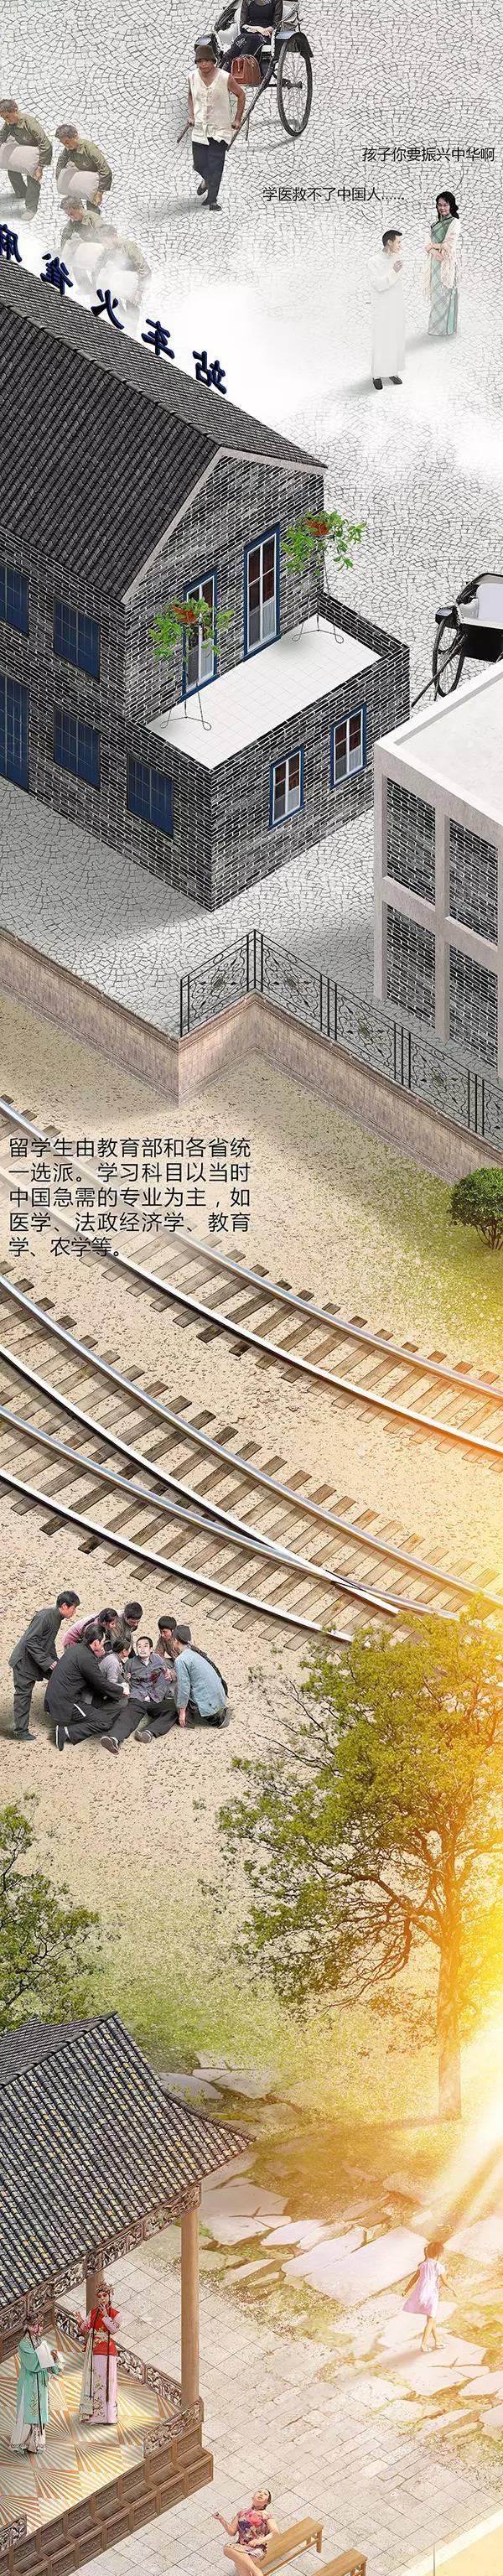 百雀羚广告11.jpg